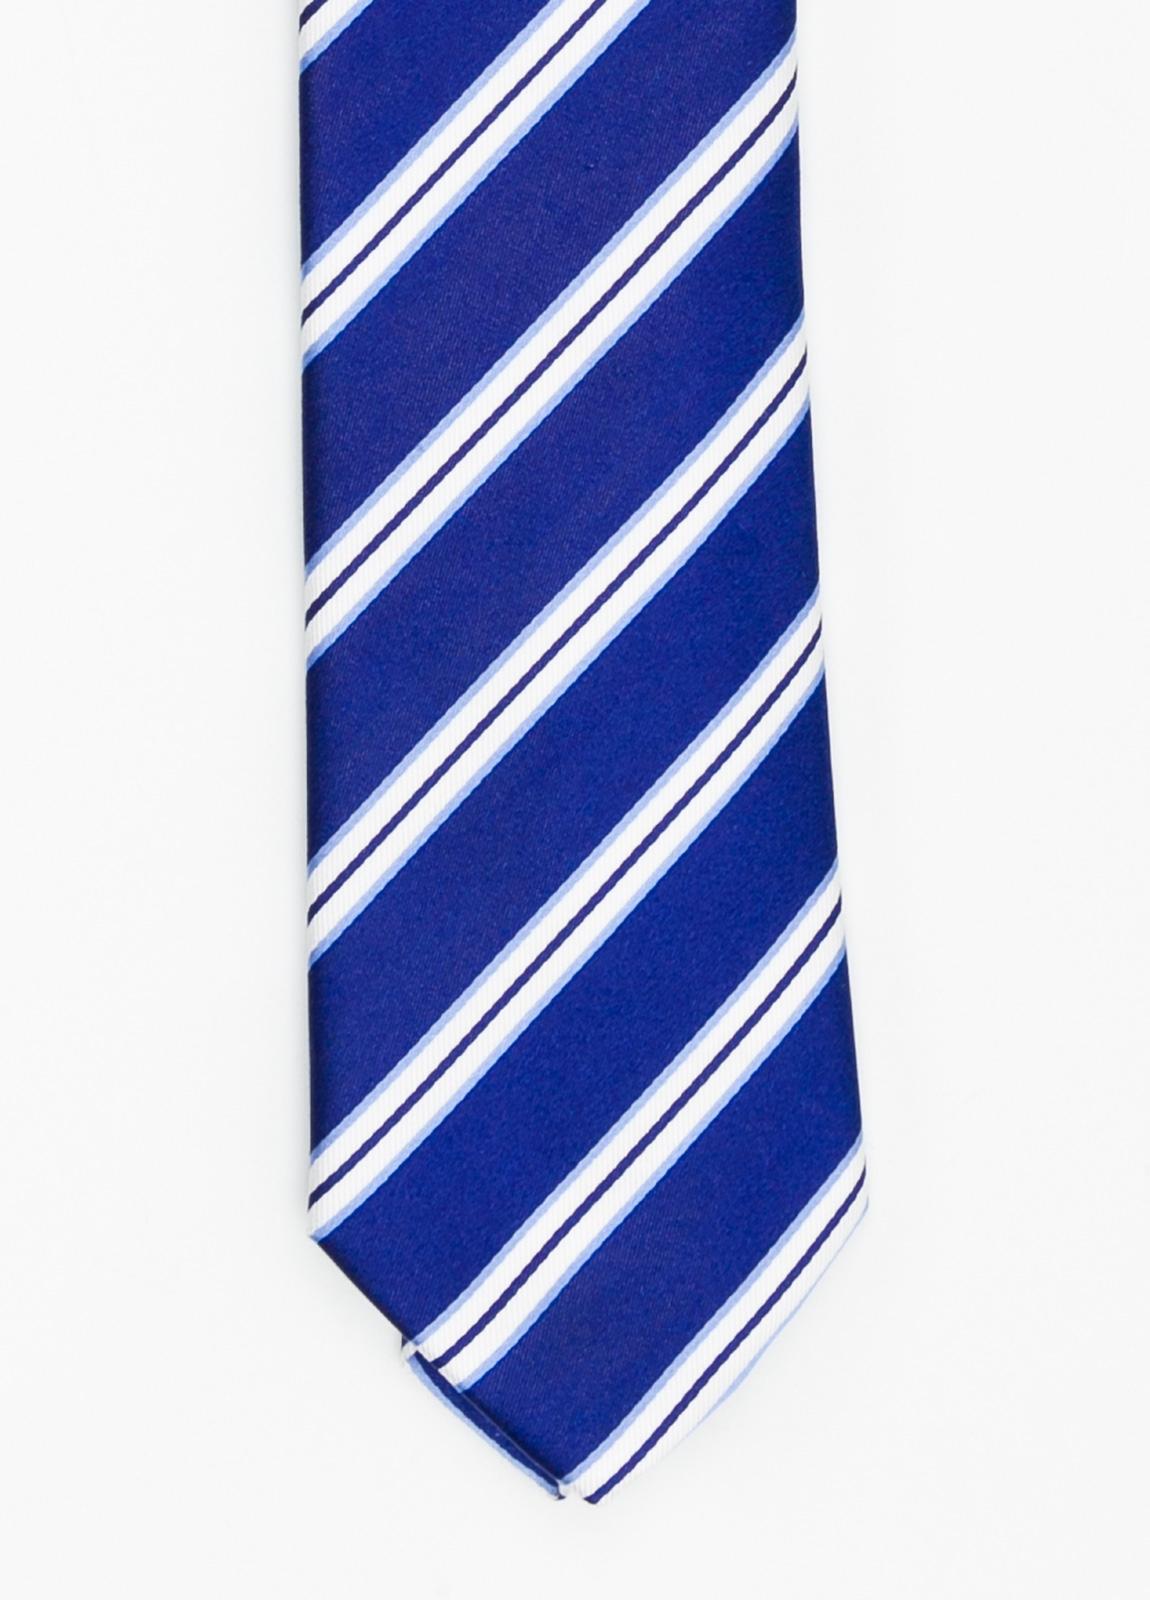 Corbata Formal Wear rayas en diagonal color azulón. Pala 7,5 cm. 100% Seda.